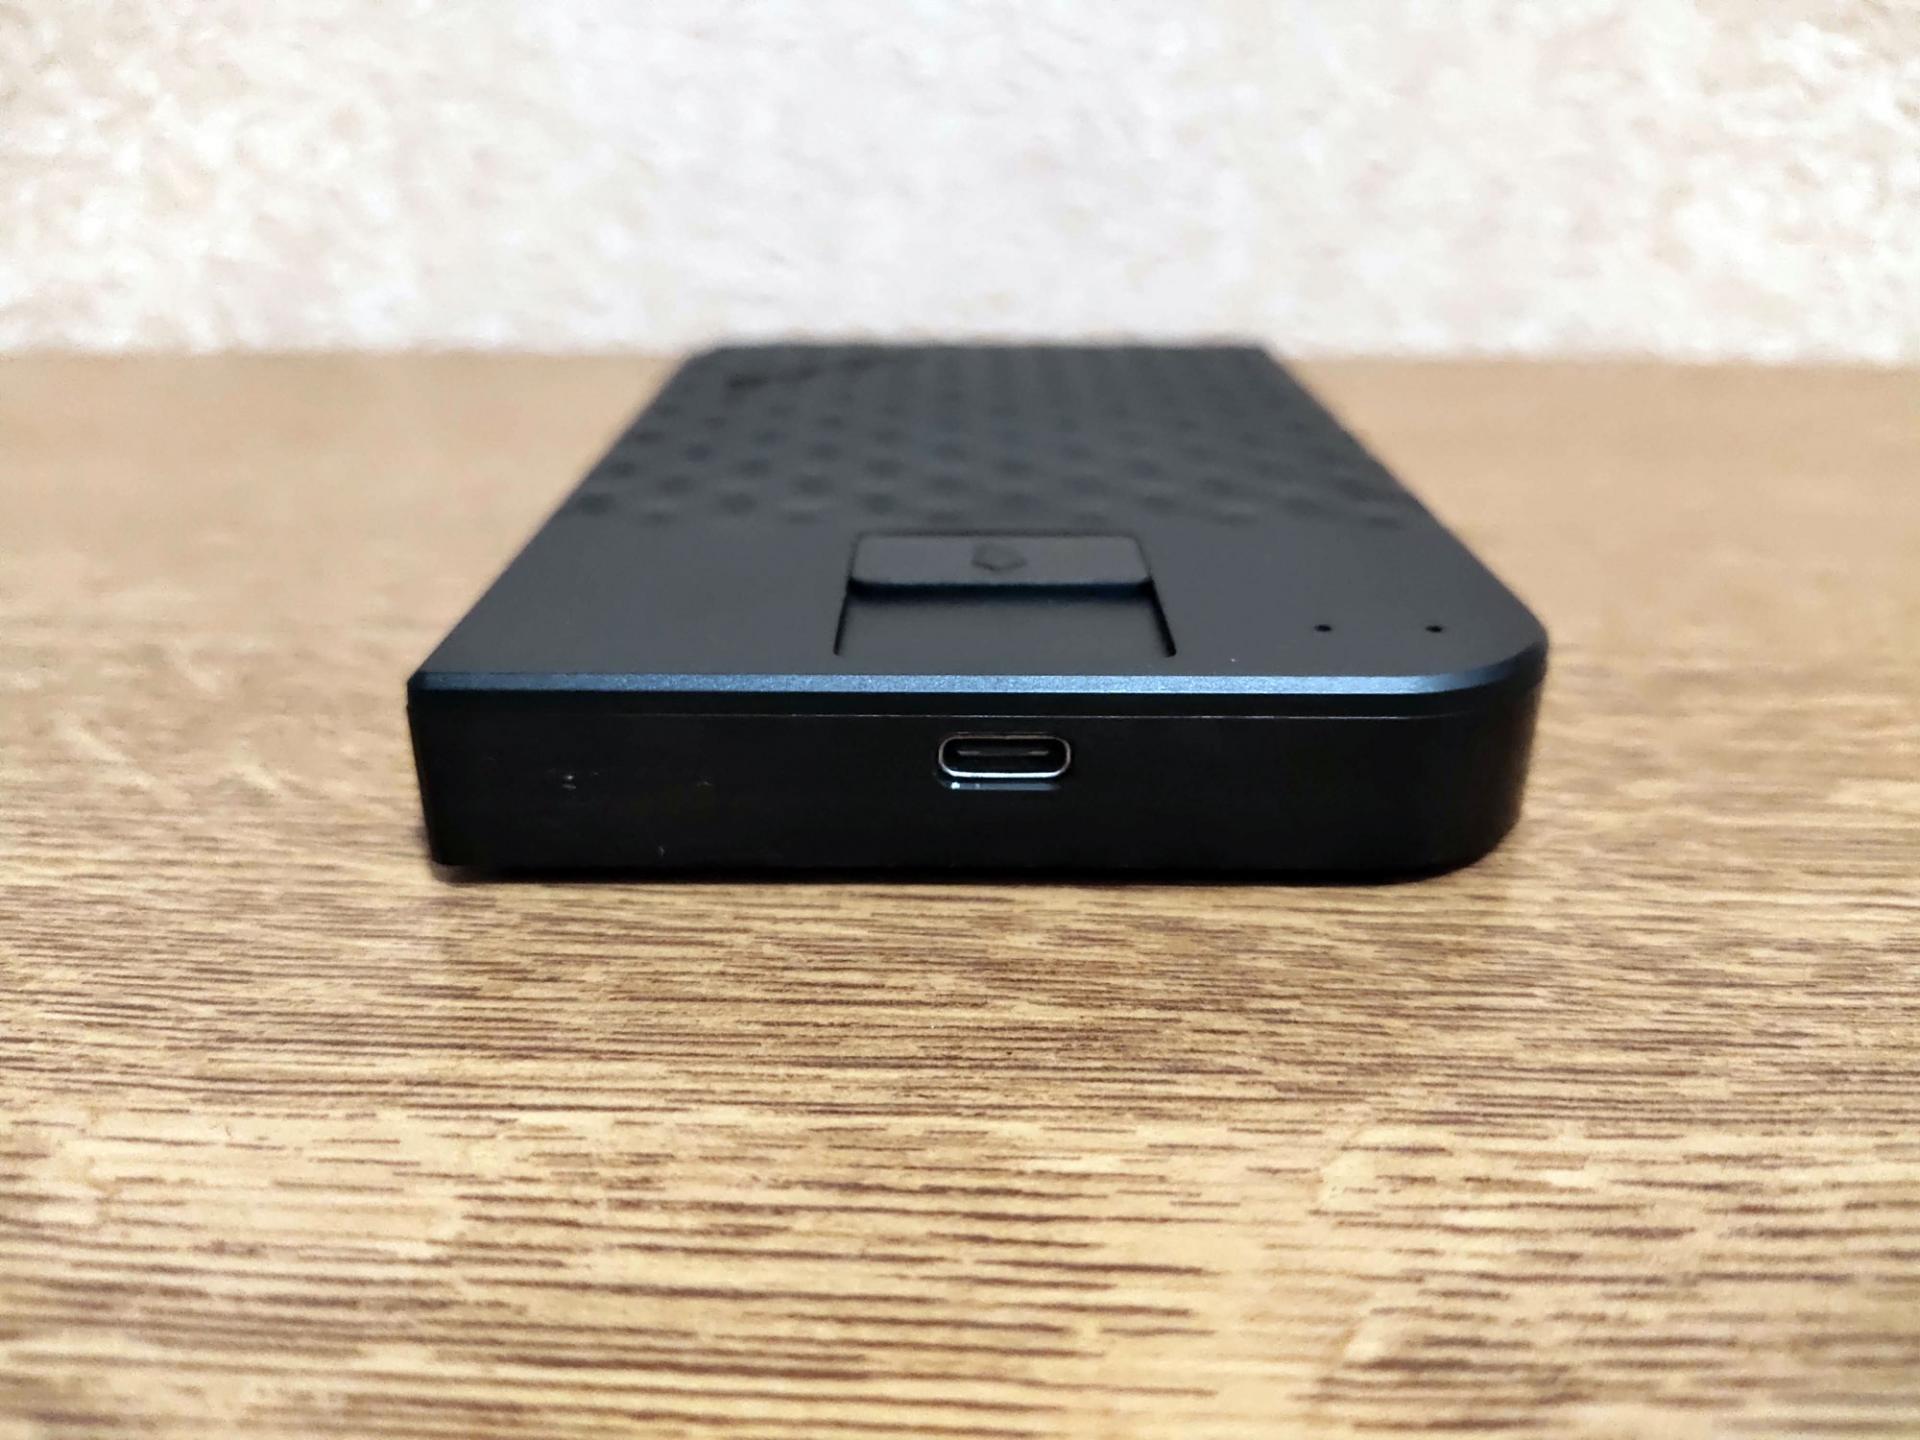 Обзор внешнего жёсткого диска Verbatim Fingerprint Secure Hard Drive